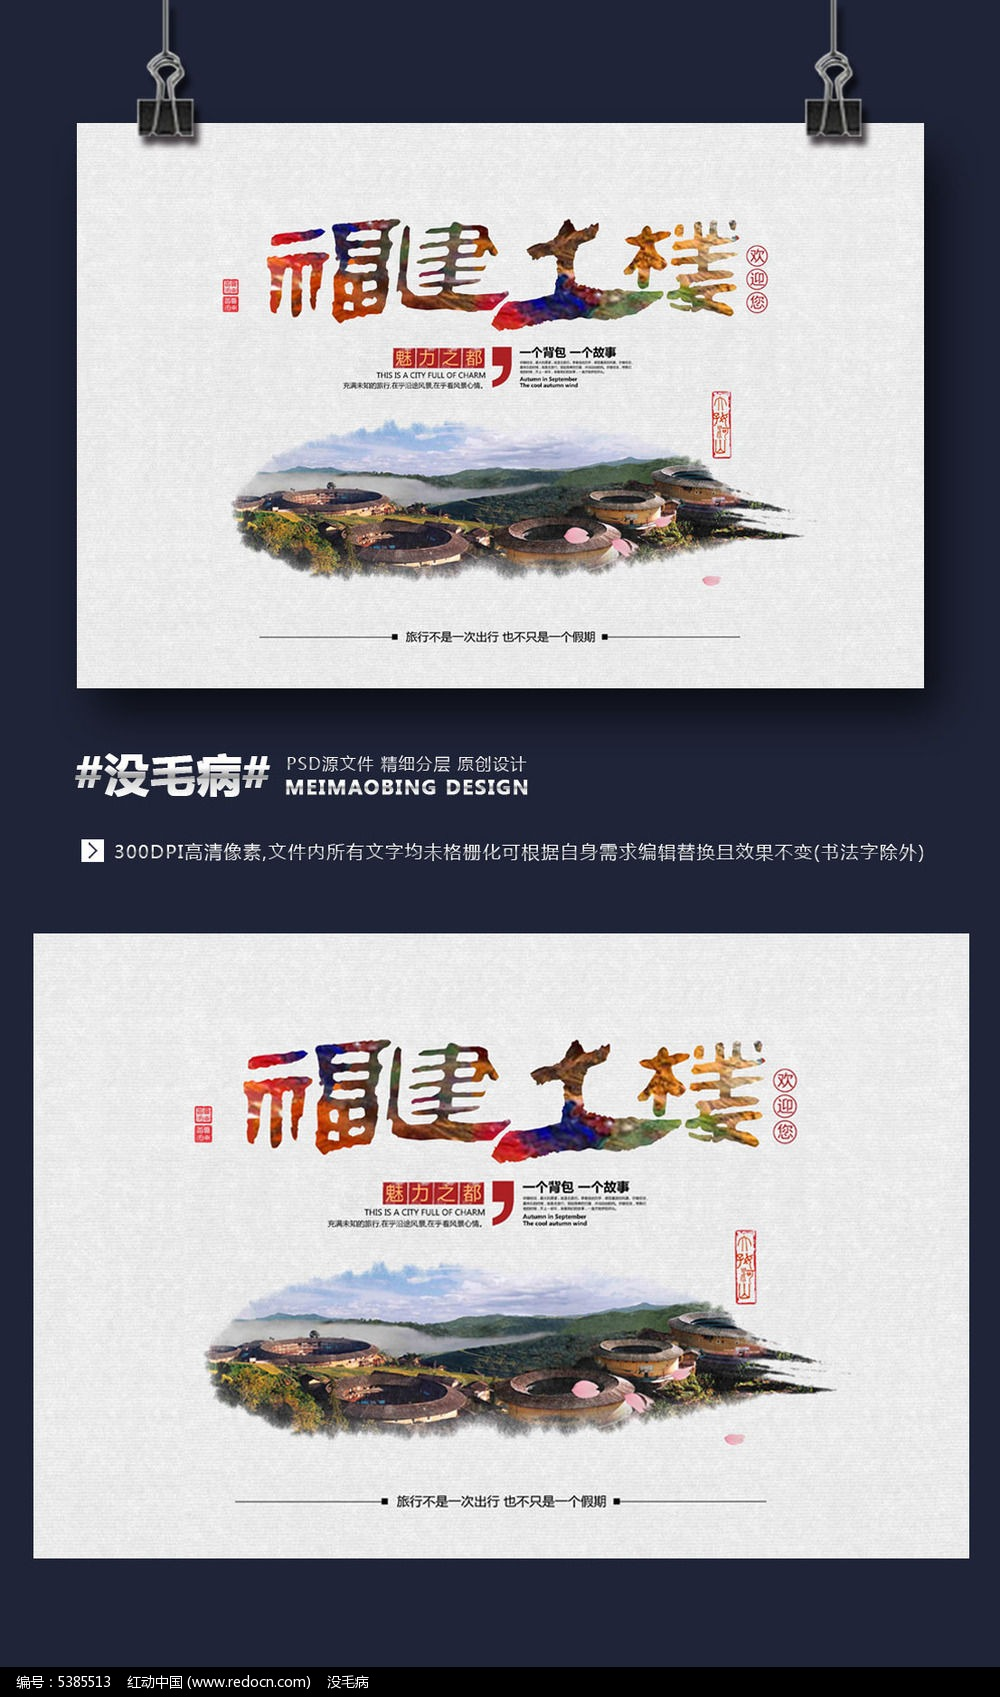 原创设计稿 海报设计/宣传单/广告牌 海报设计 中国风福建土楼旅游